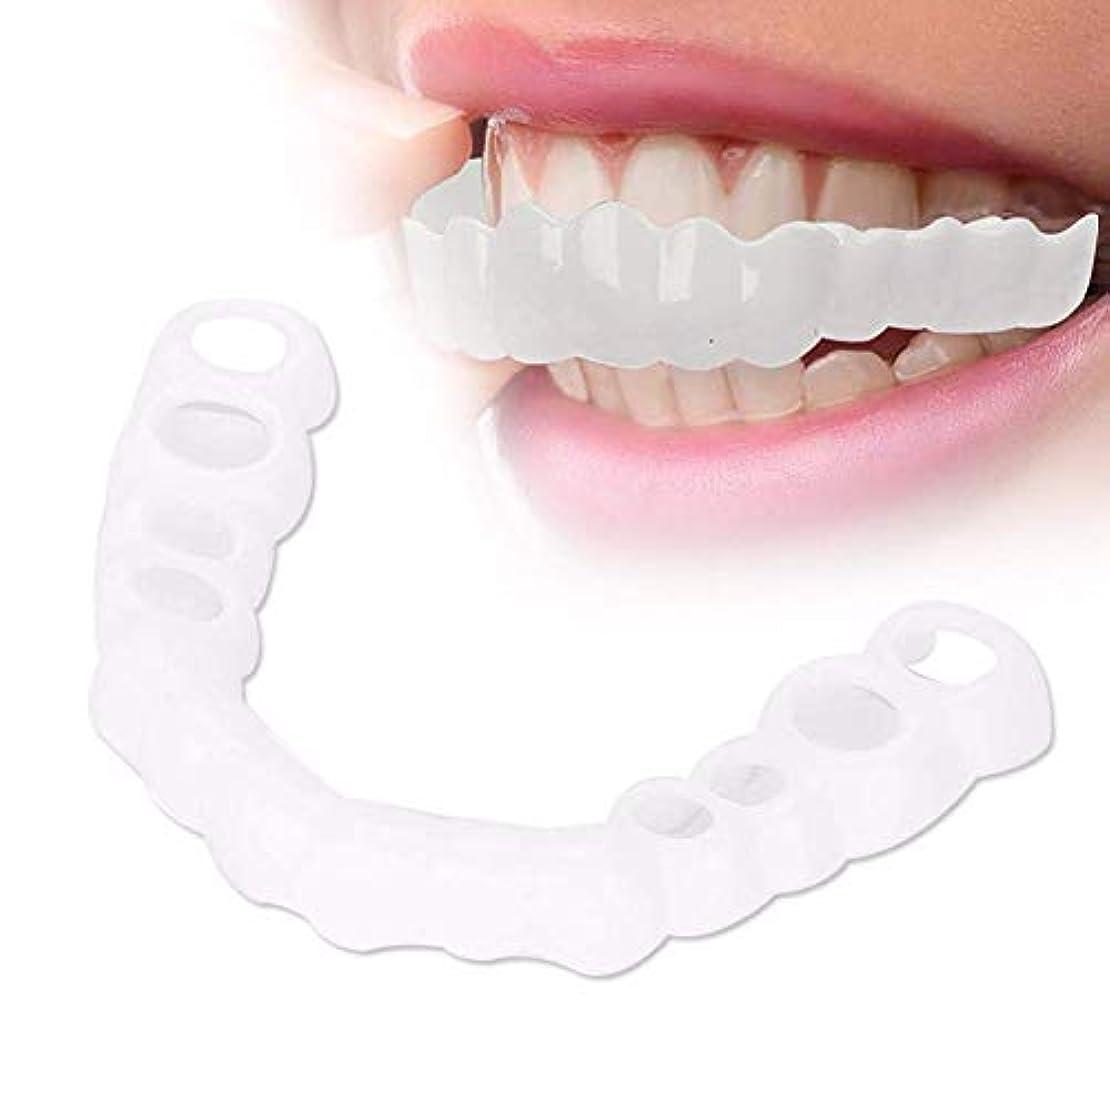 近代化バッチ世界に死んだパーフェクトスマイル入れ歯の10セット、シリコーンシミュレーション、上の歯、ホワイトニング入れ歯